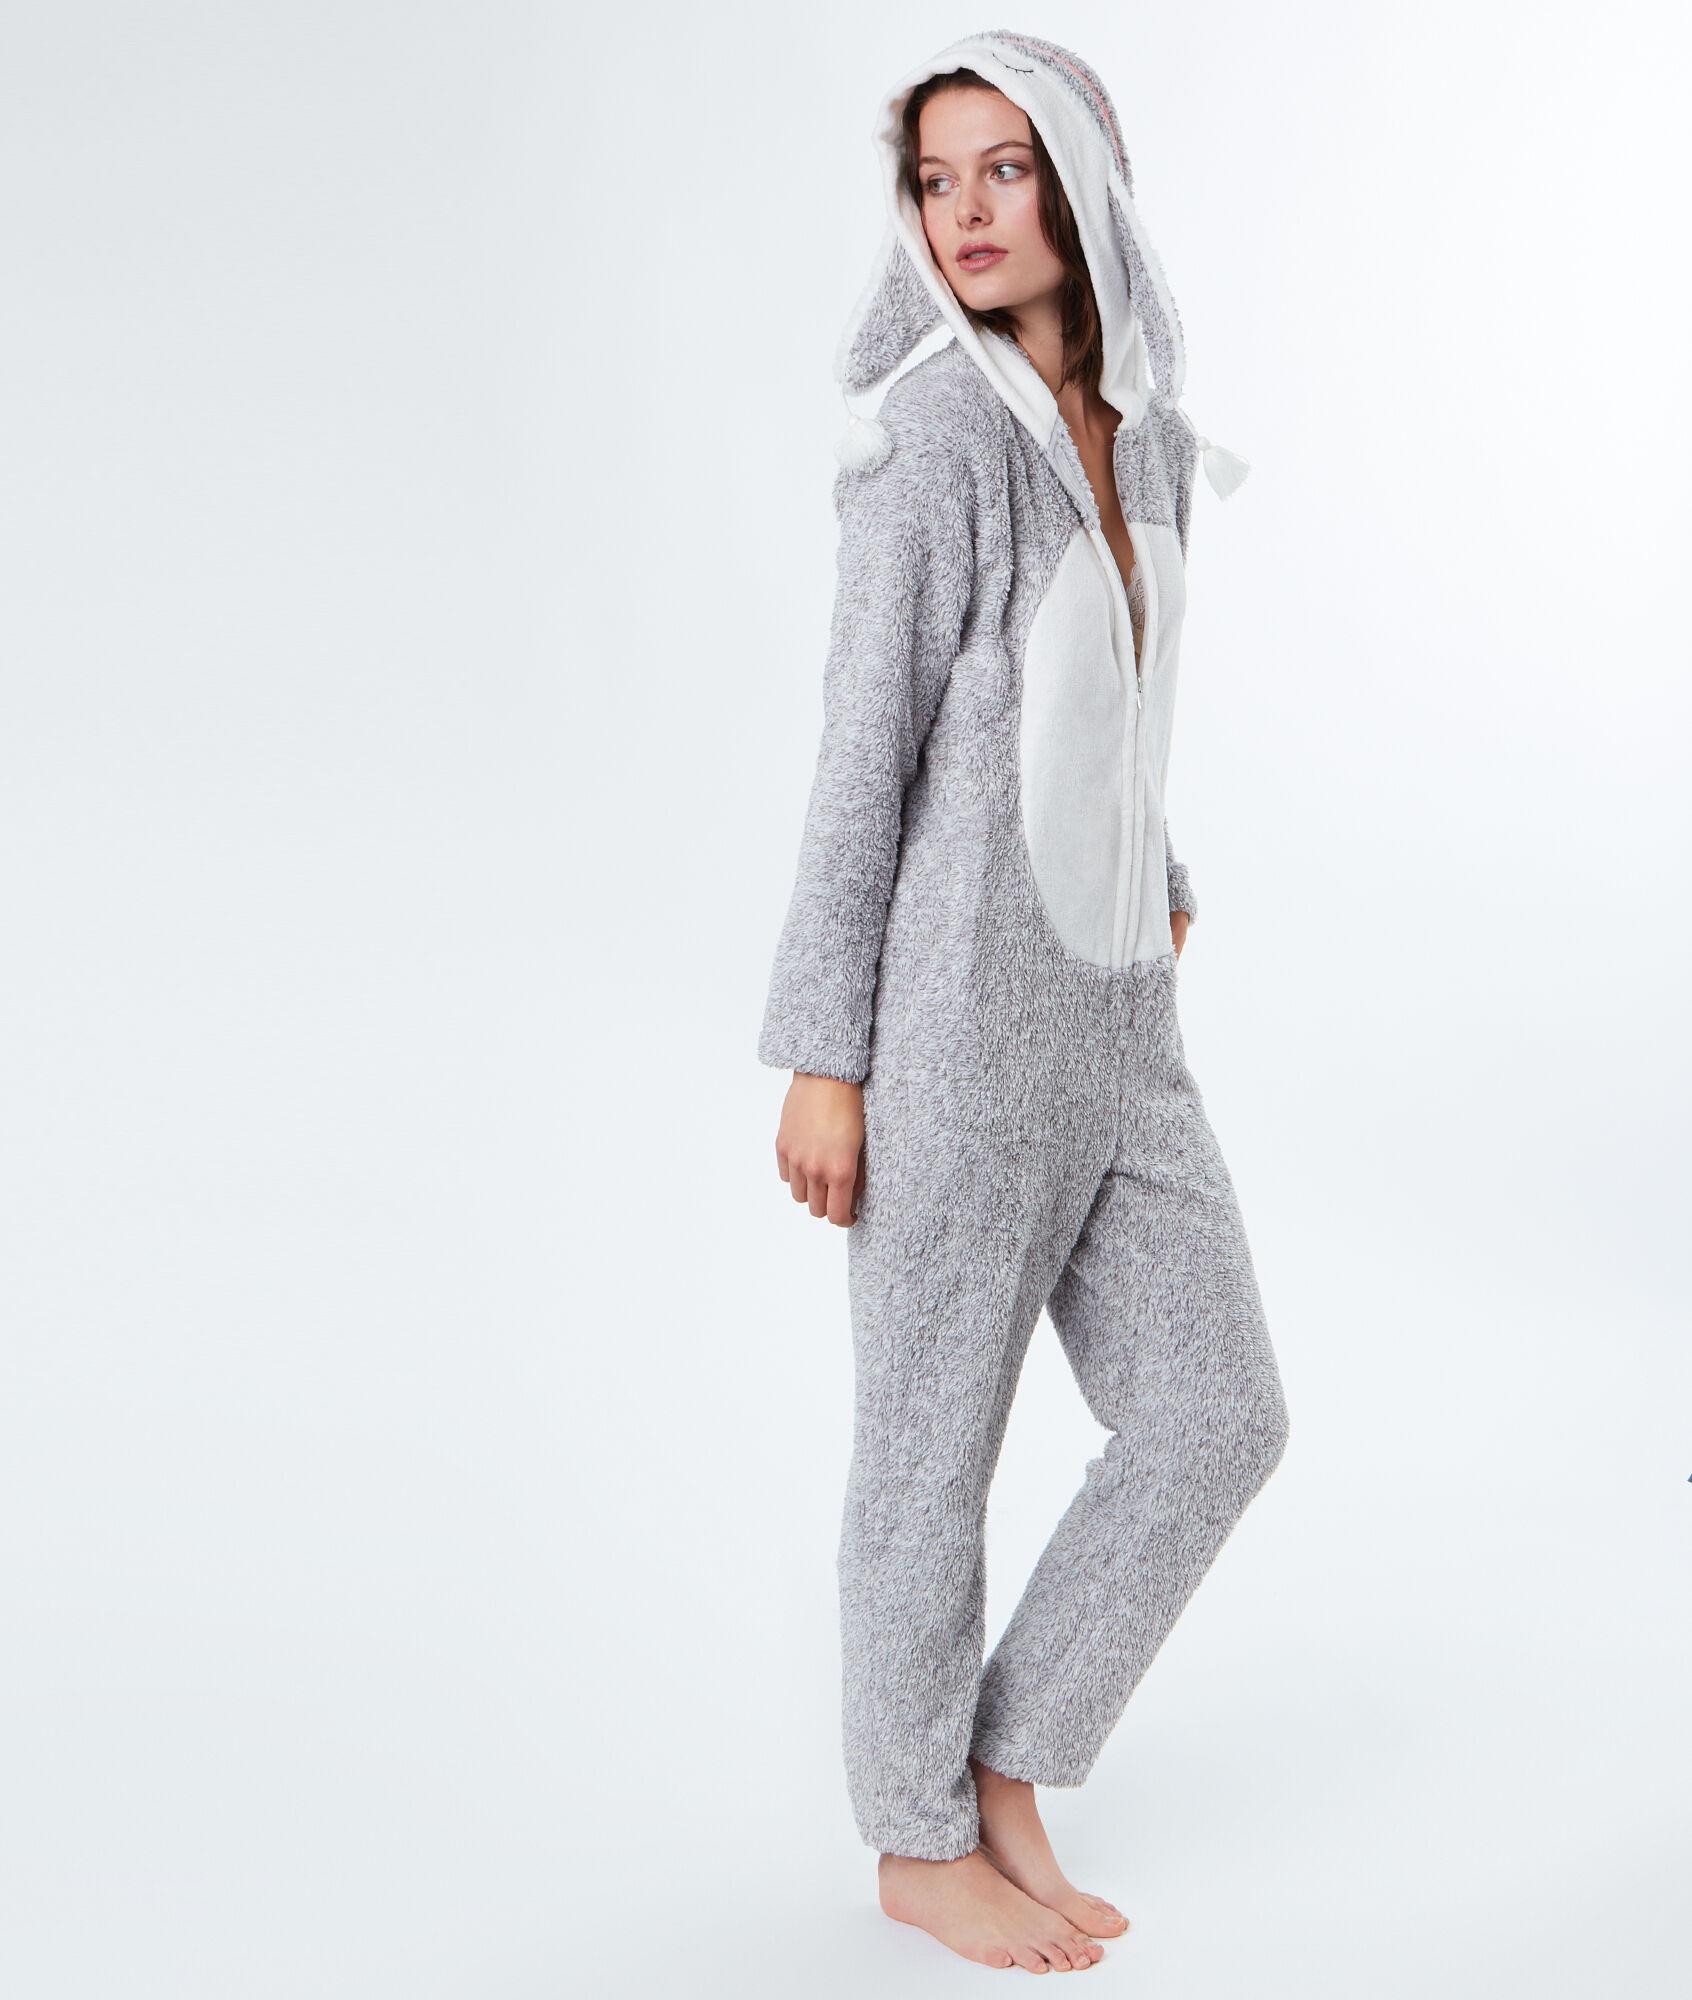 grossiste 0ee59 80de5 Owl onesie - Onesies 🦄 - Shop by product - Nightwear